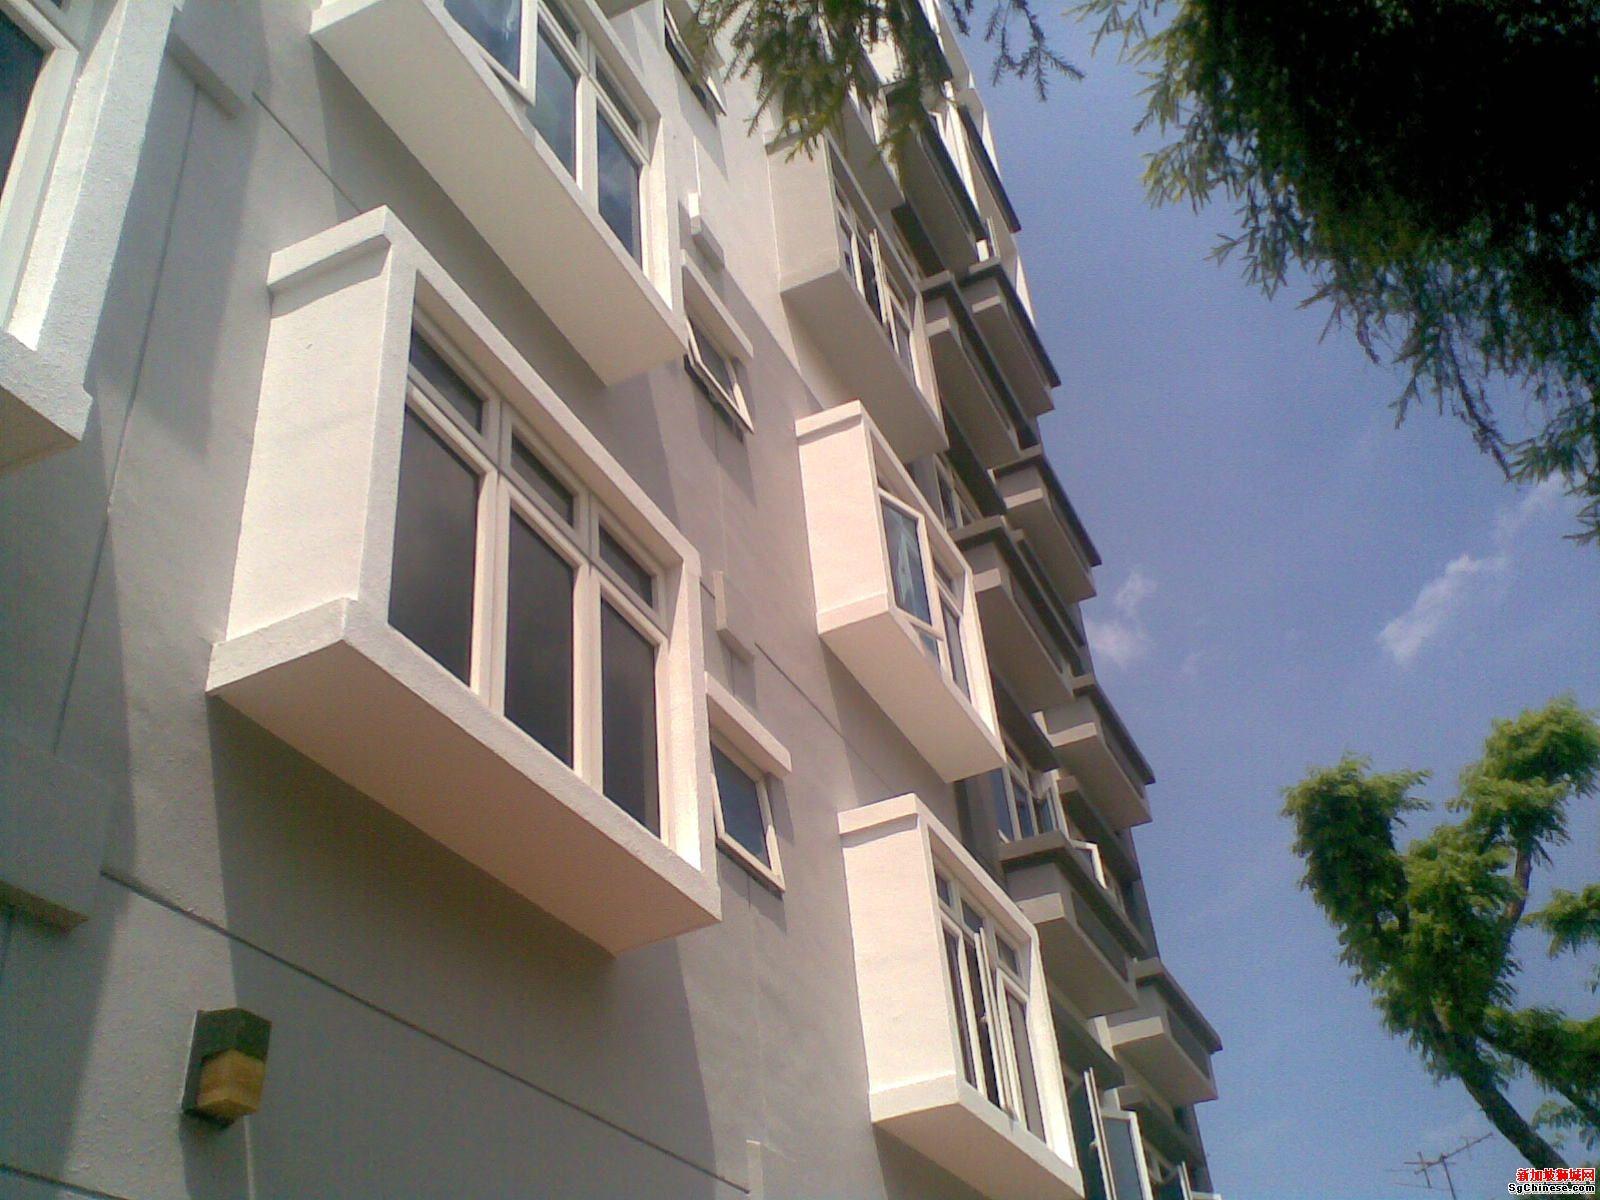 [出租] 4+1+1近paya lebar、Aljunied, 新装修公寓整套出租-屋主